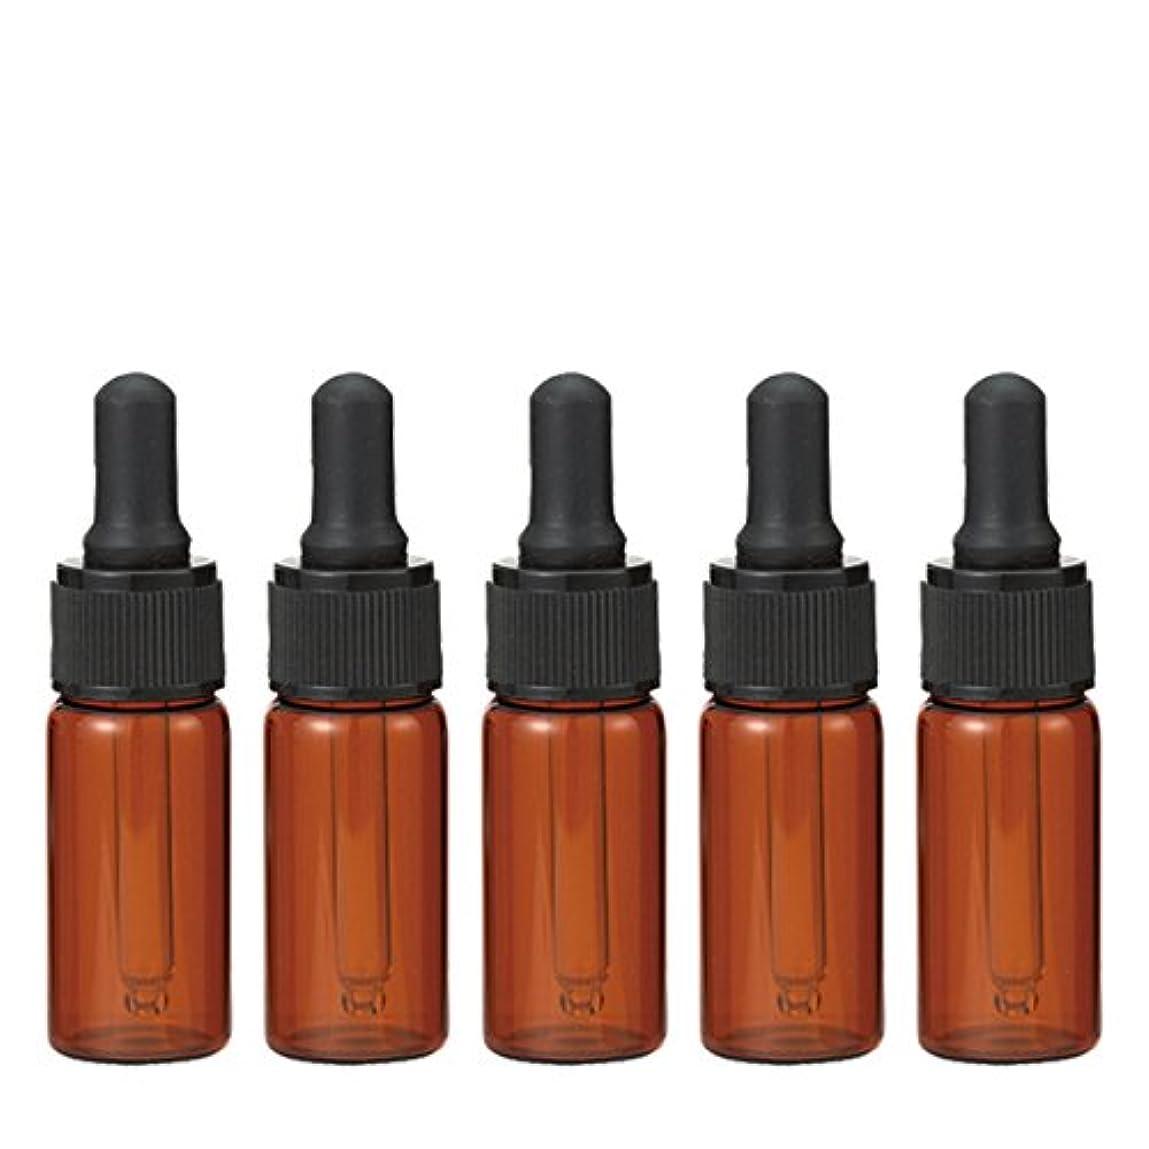 ジャンク放棄冒険生活の木 茶色遮光スポイト瓶 10ml (5本セット)